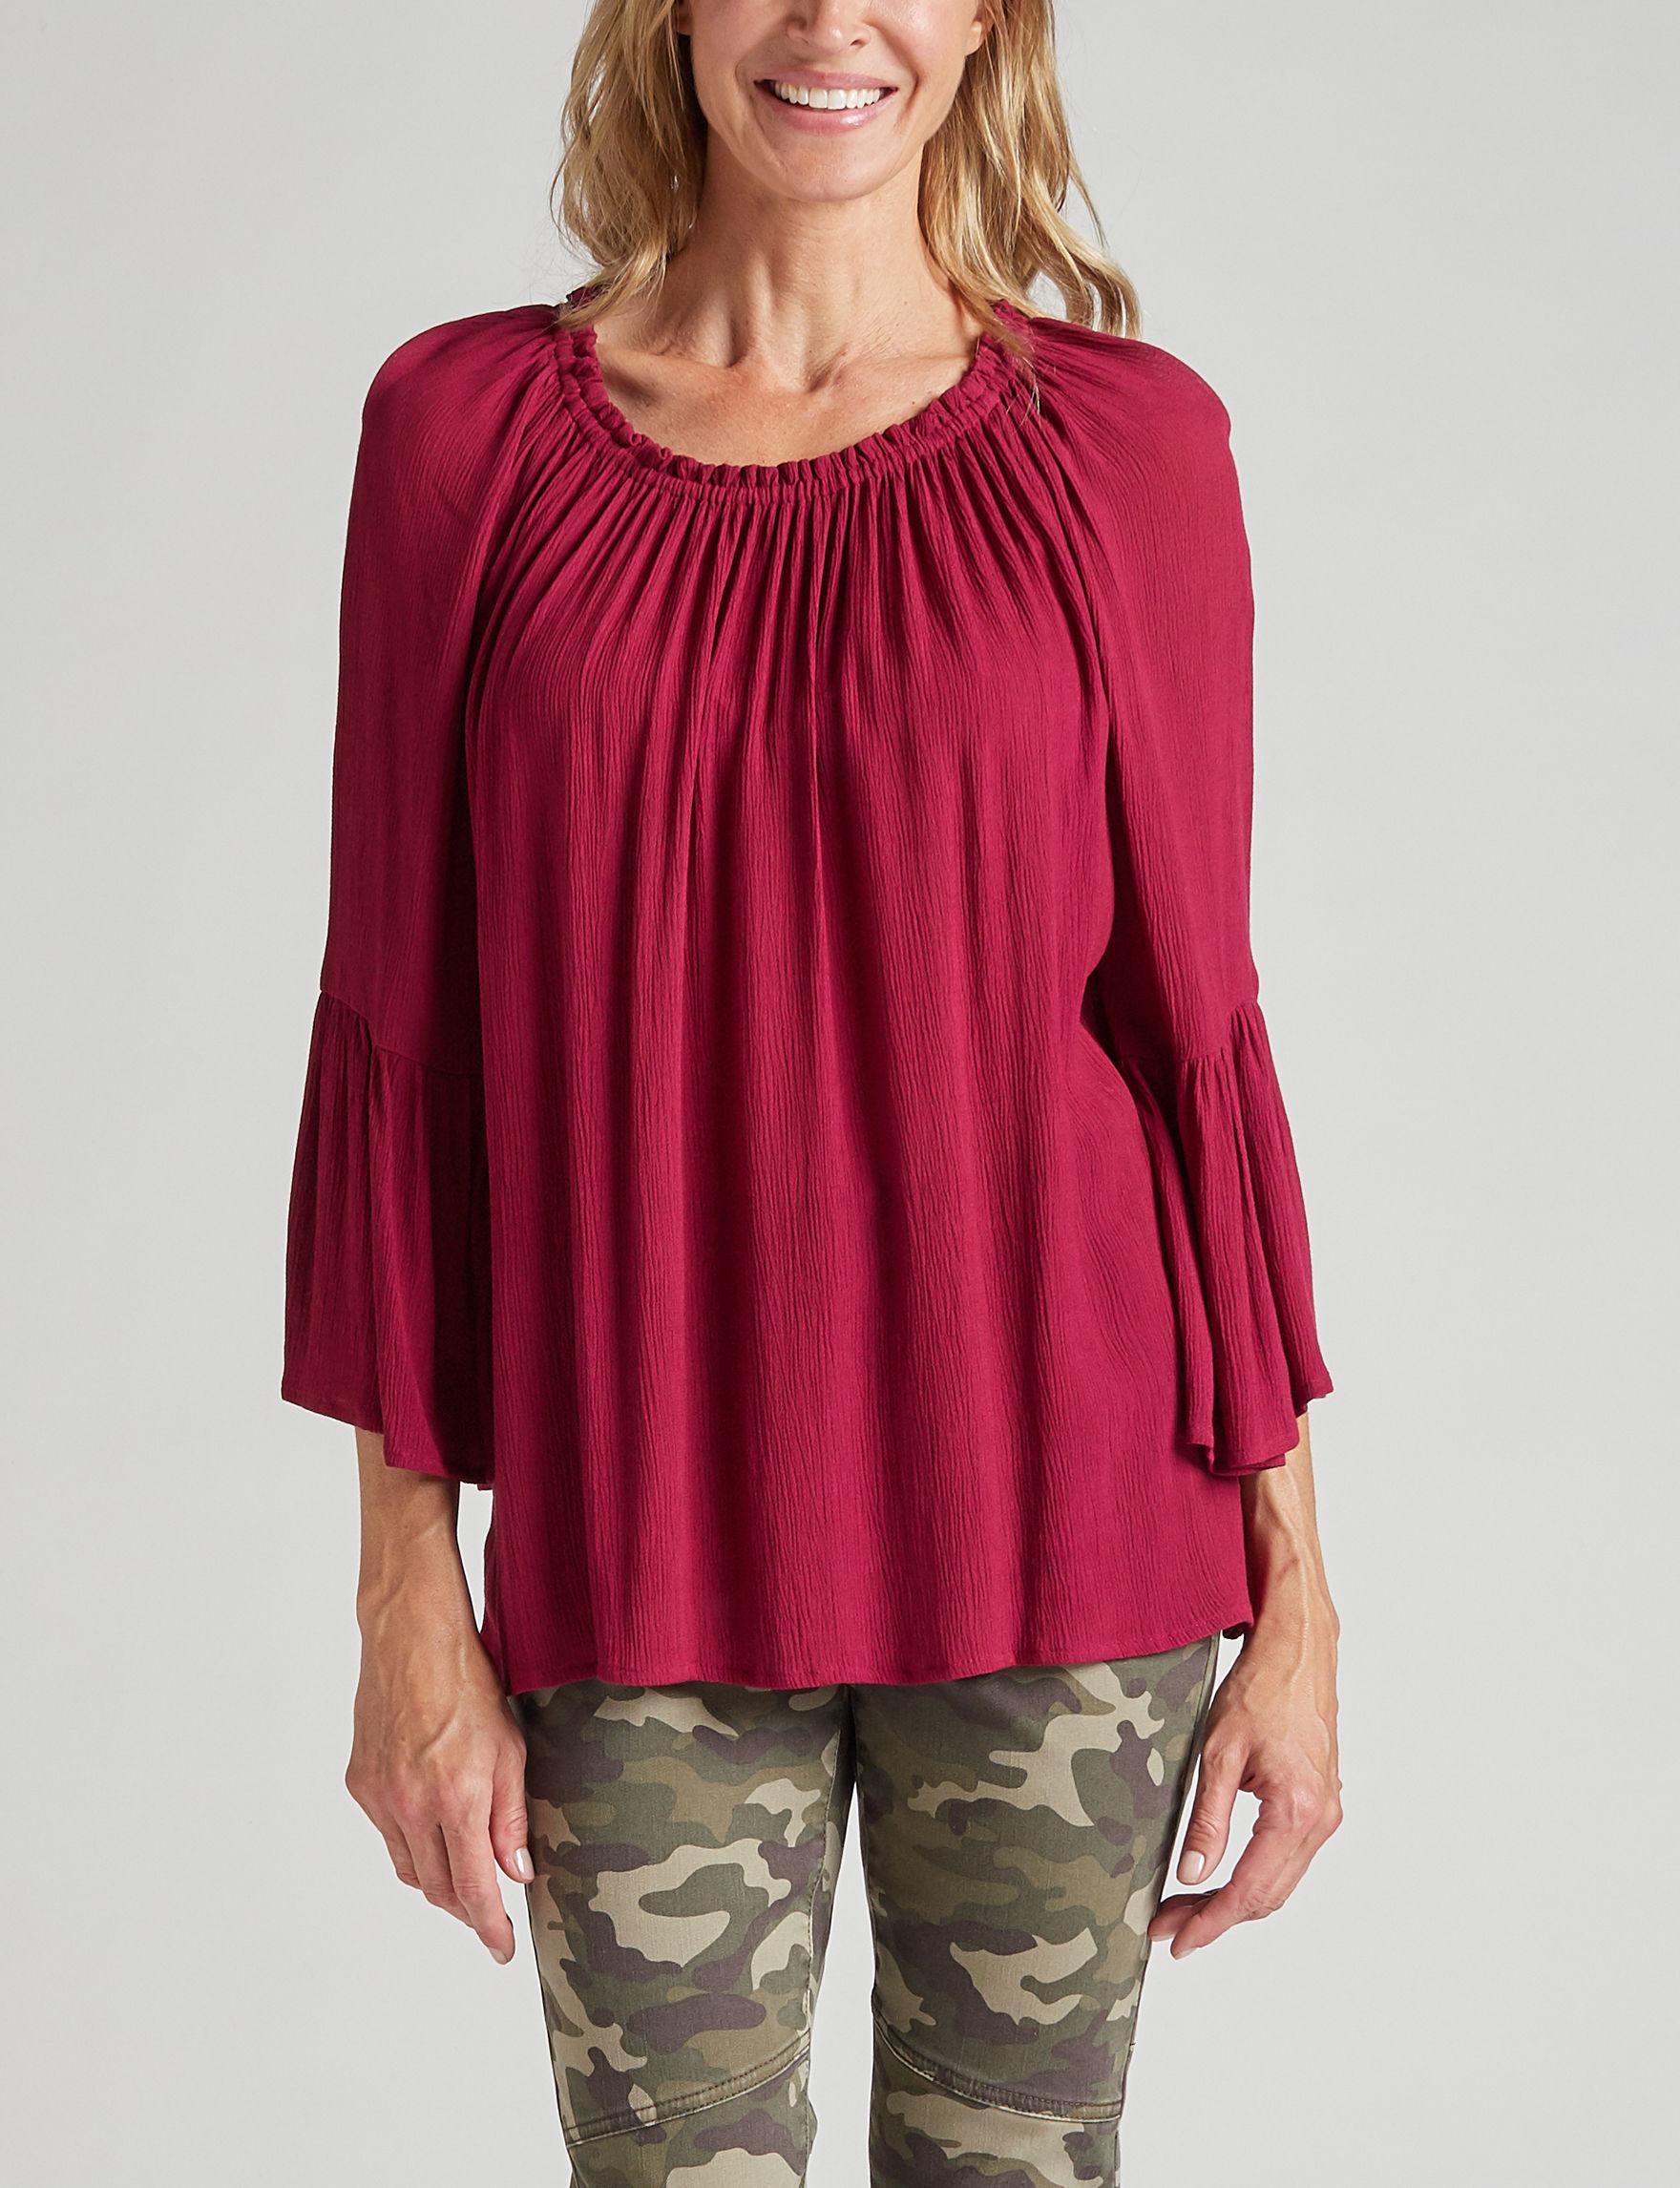 Hannah Plum Shirts & Blouses